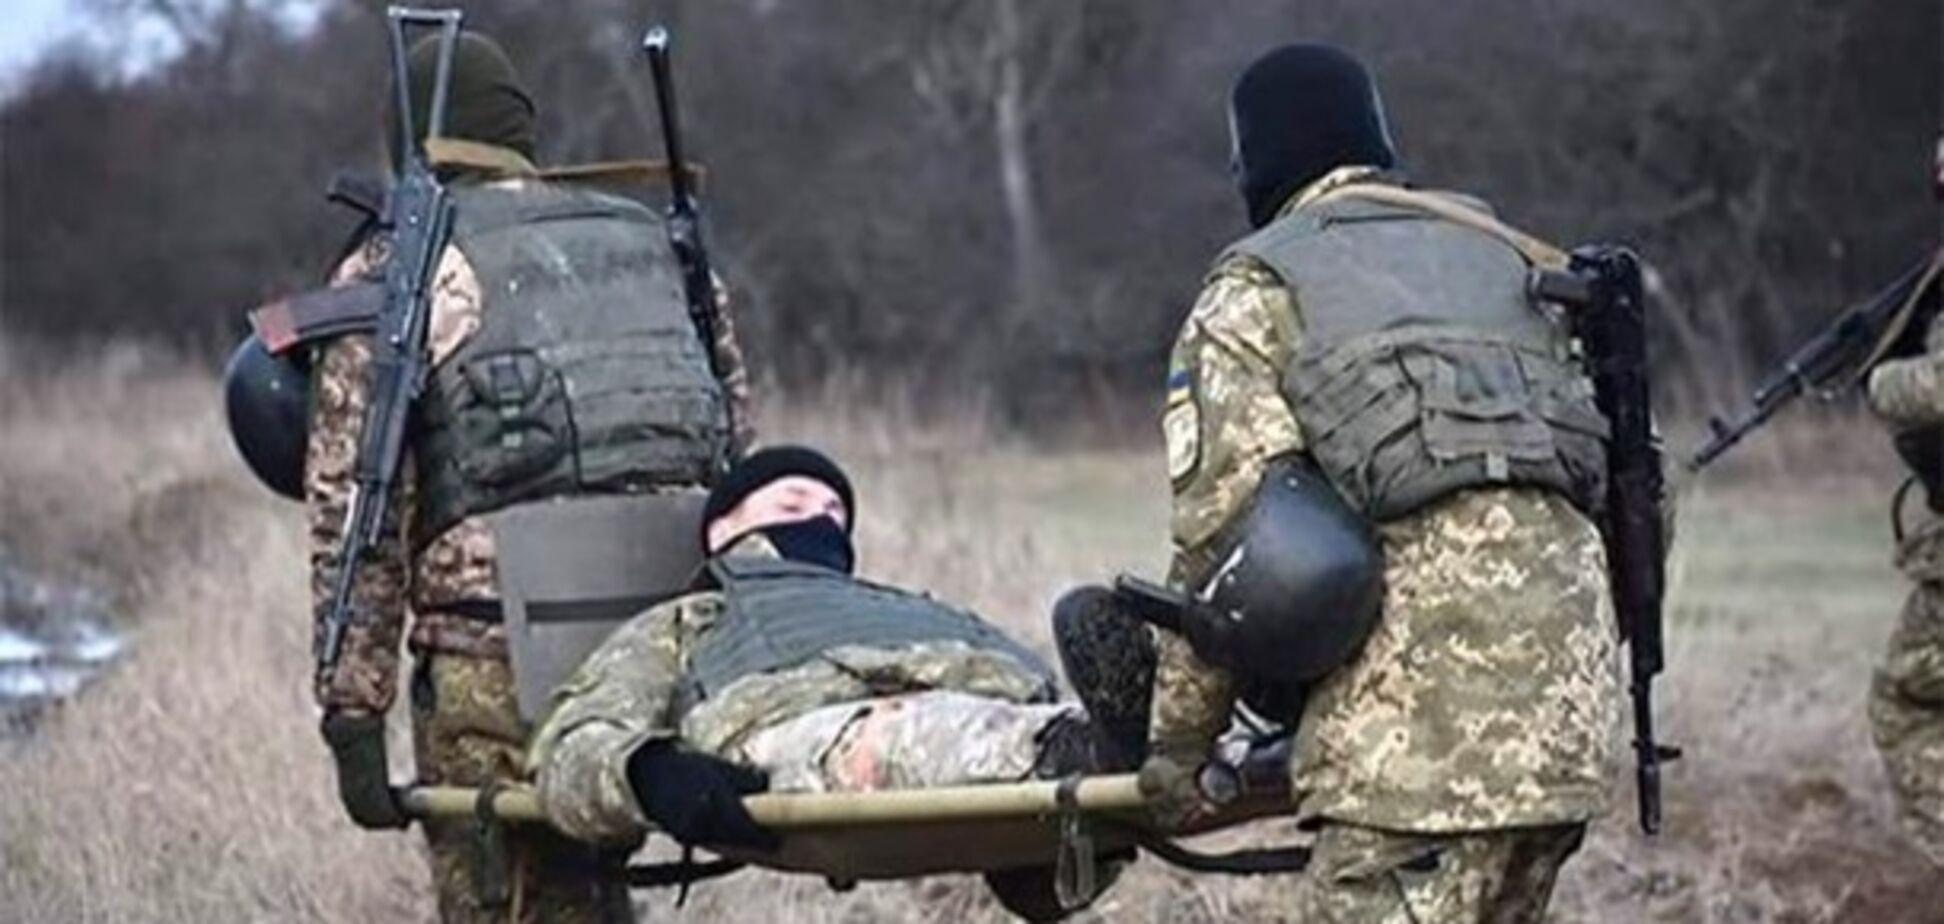 Терористи посилили обстріли на Донбасі: поранені бійці ЗСУ